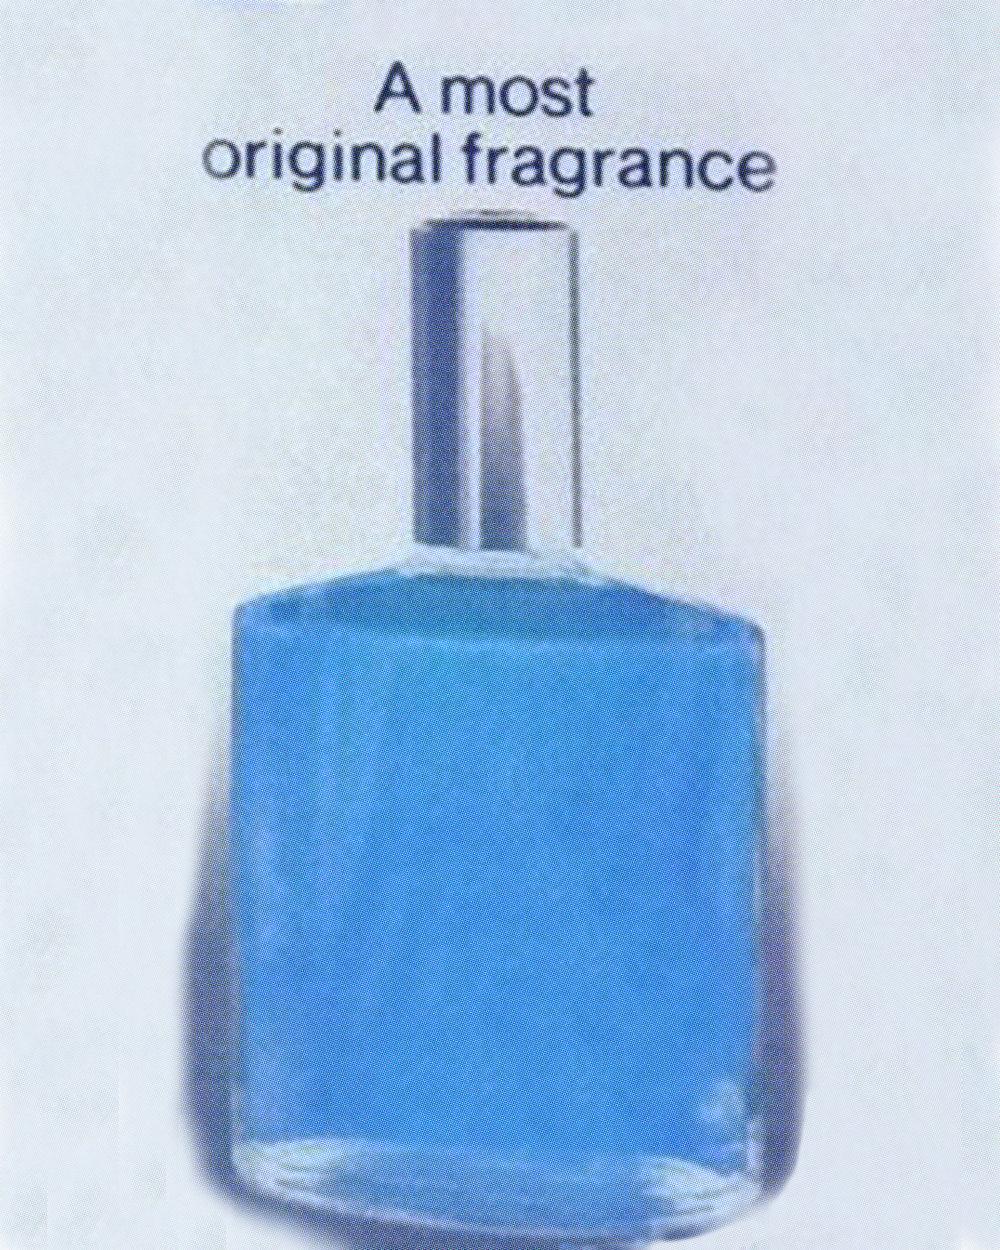 A Most Original Fragrance, 2016